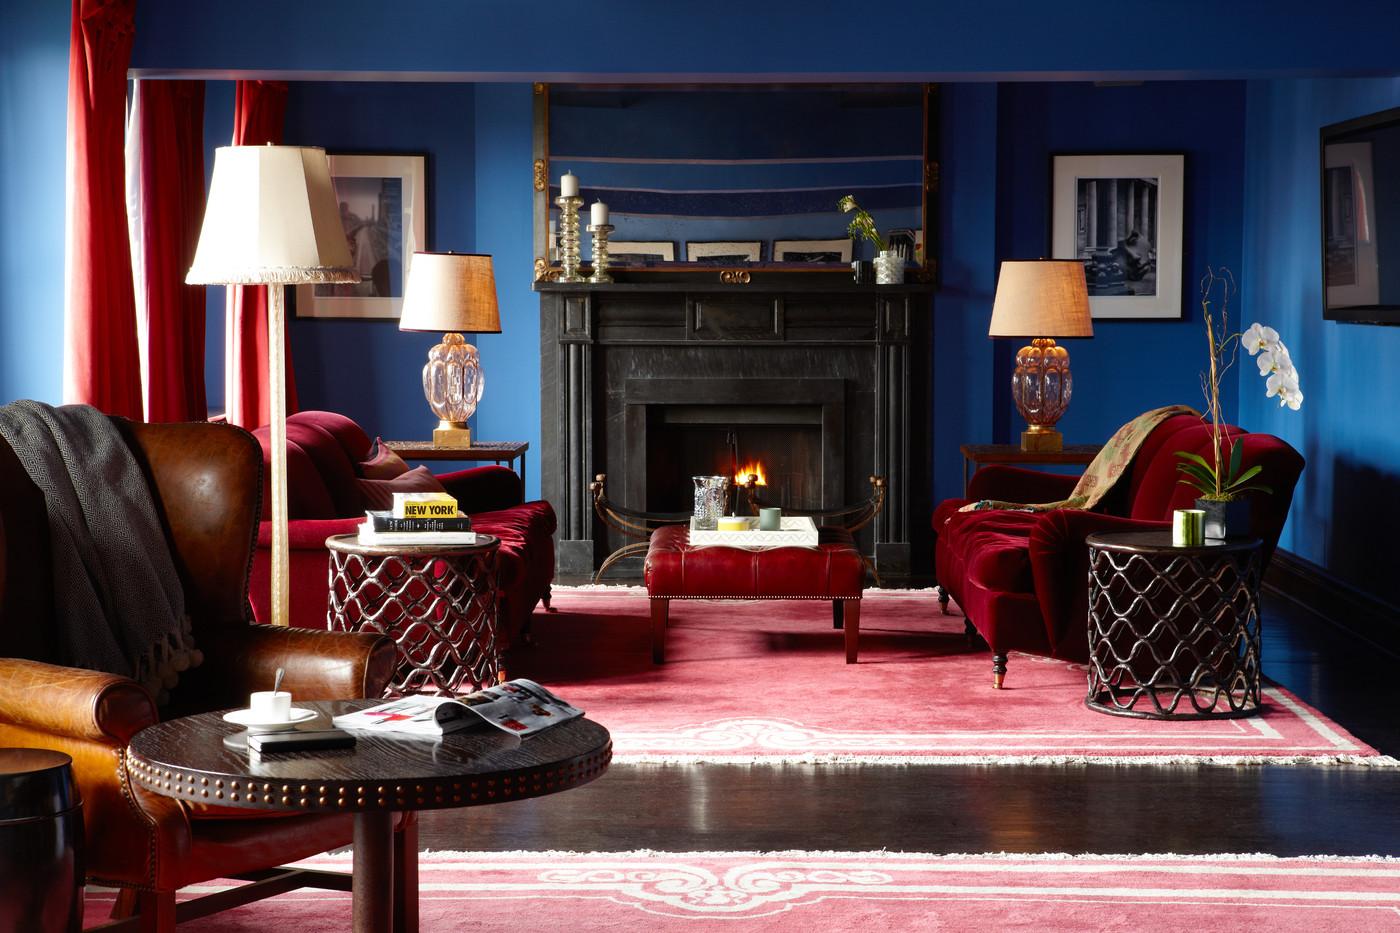 Gramercy Park Hotel Penthouse Suite